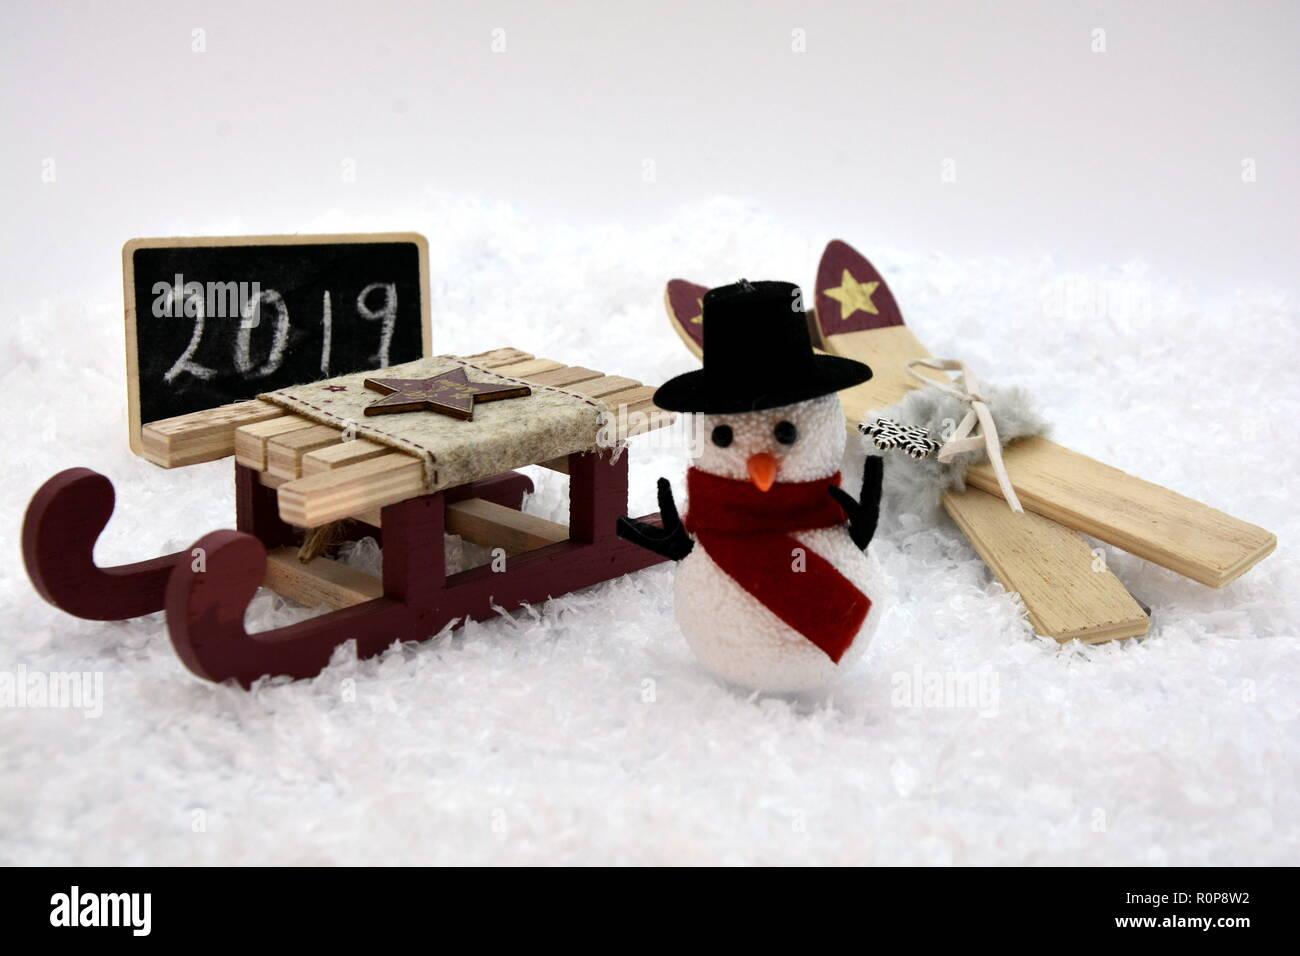 weihnachten silvester schnee schneemann stock photo. Black Bedroom Furniture Sets. Home Design Ideas